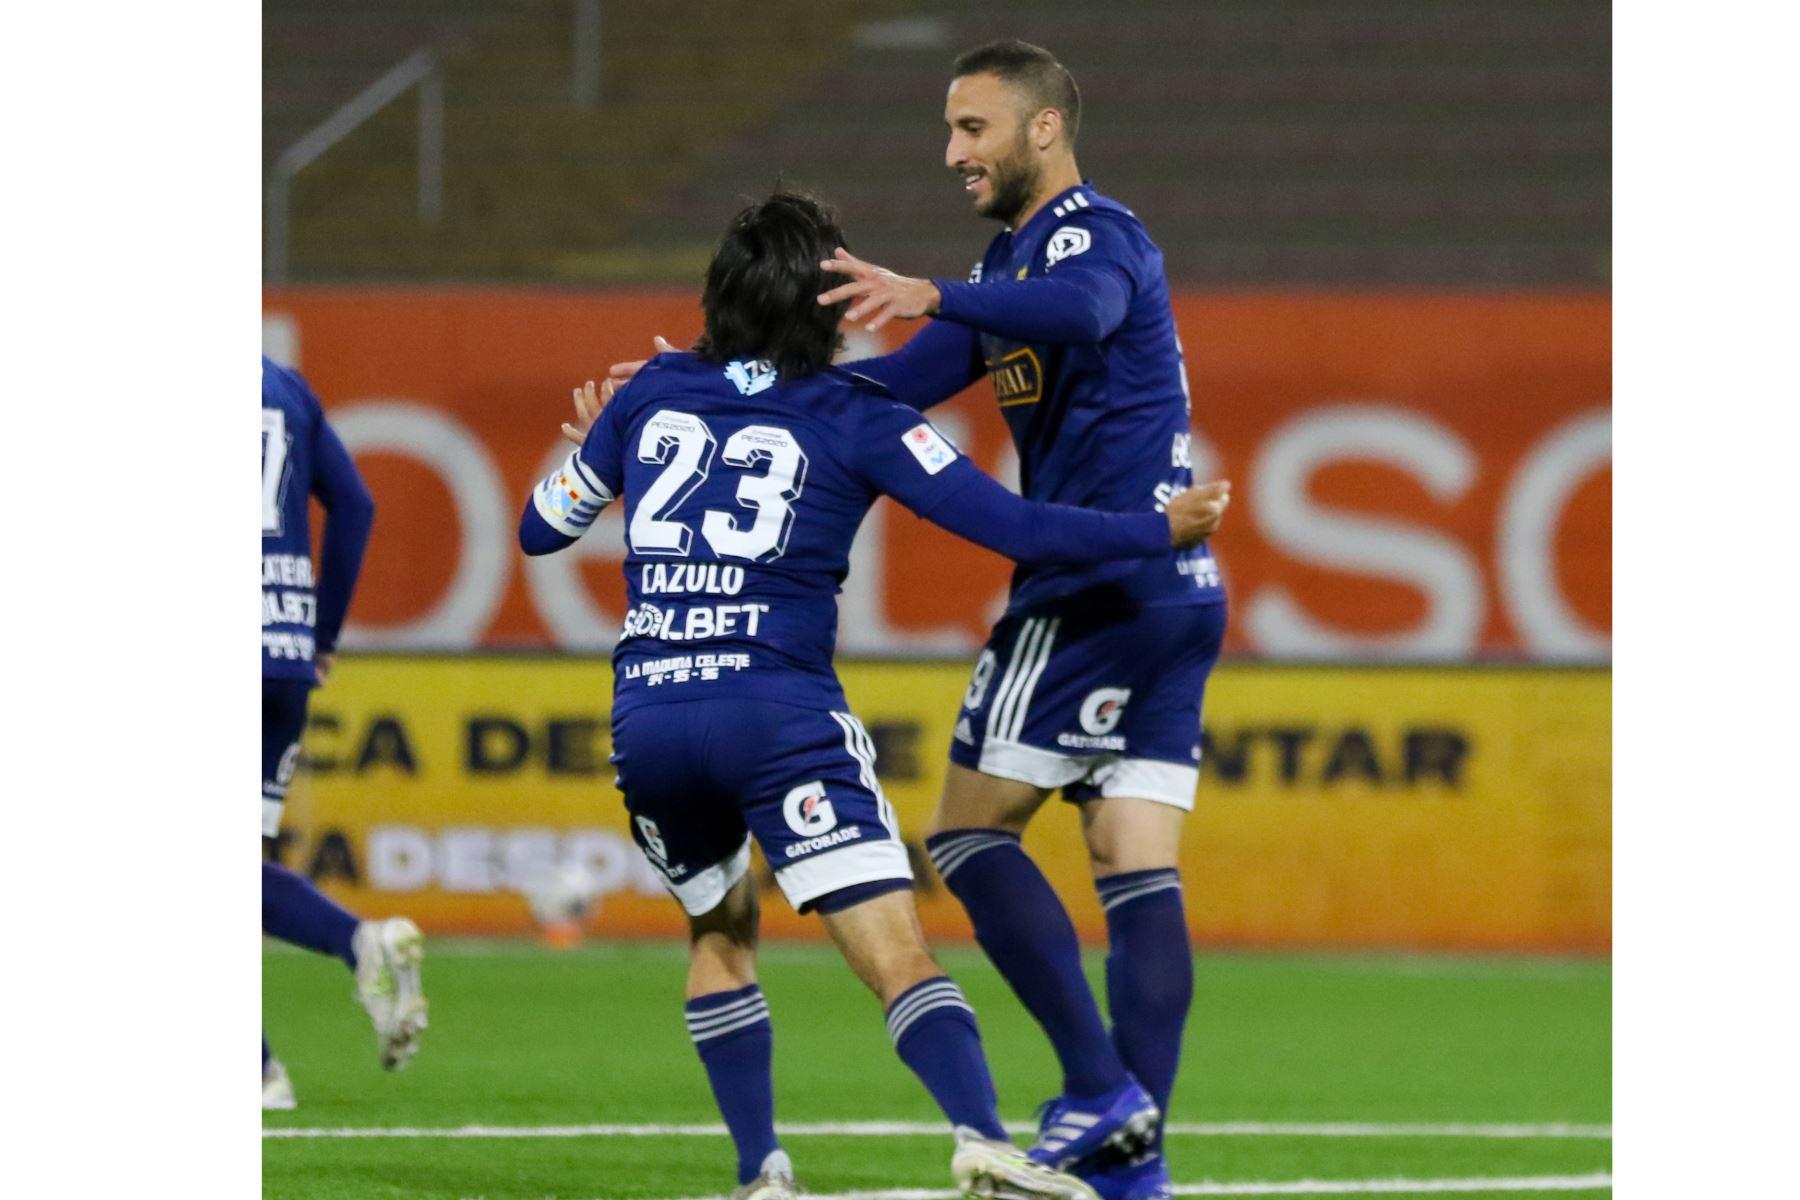 Sporting Cristal gana 3 a 2  al Club Cienciano, en partido de la fecha 1 Fase 2 de la Liga Movistar, en el estadio UNMSM. Foto: ANDINA/ Liga 1